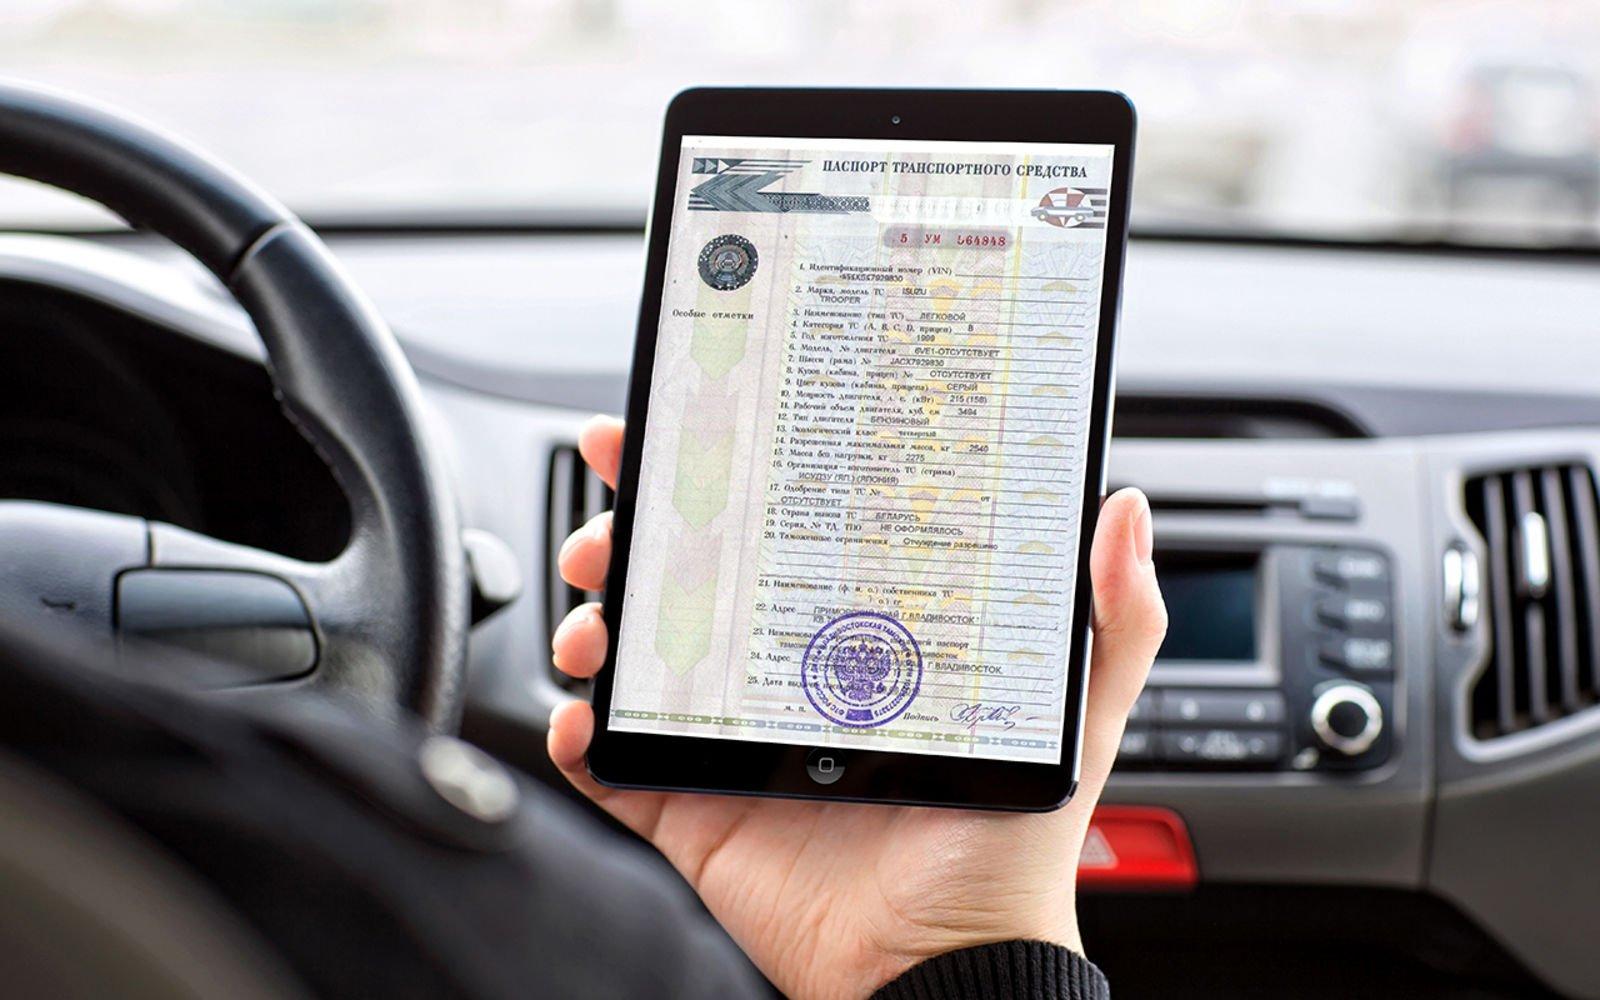 Хотели как лучше: какие проблемы возникают при покупке и продаже машин с электронным ПТС (ЭПТС)